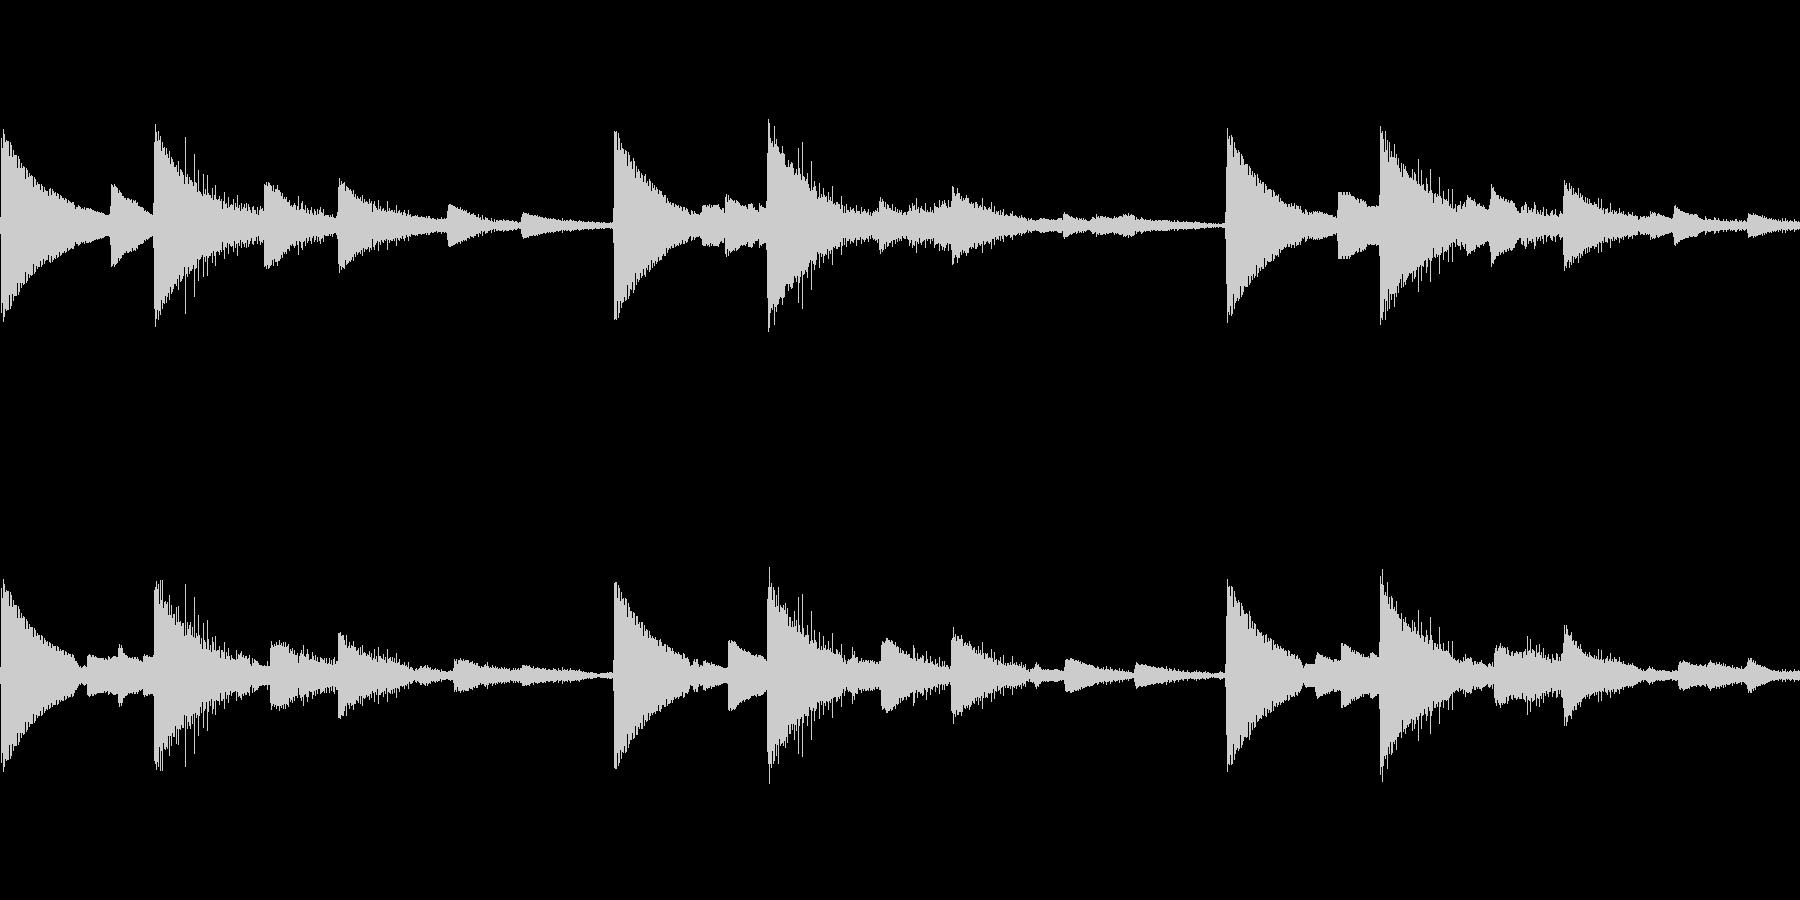 ピンチアラームブザー音 ピコピコ ループの未再生の波形